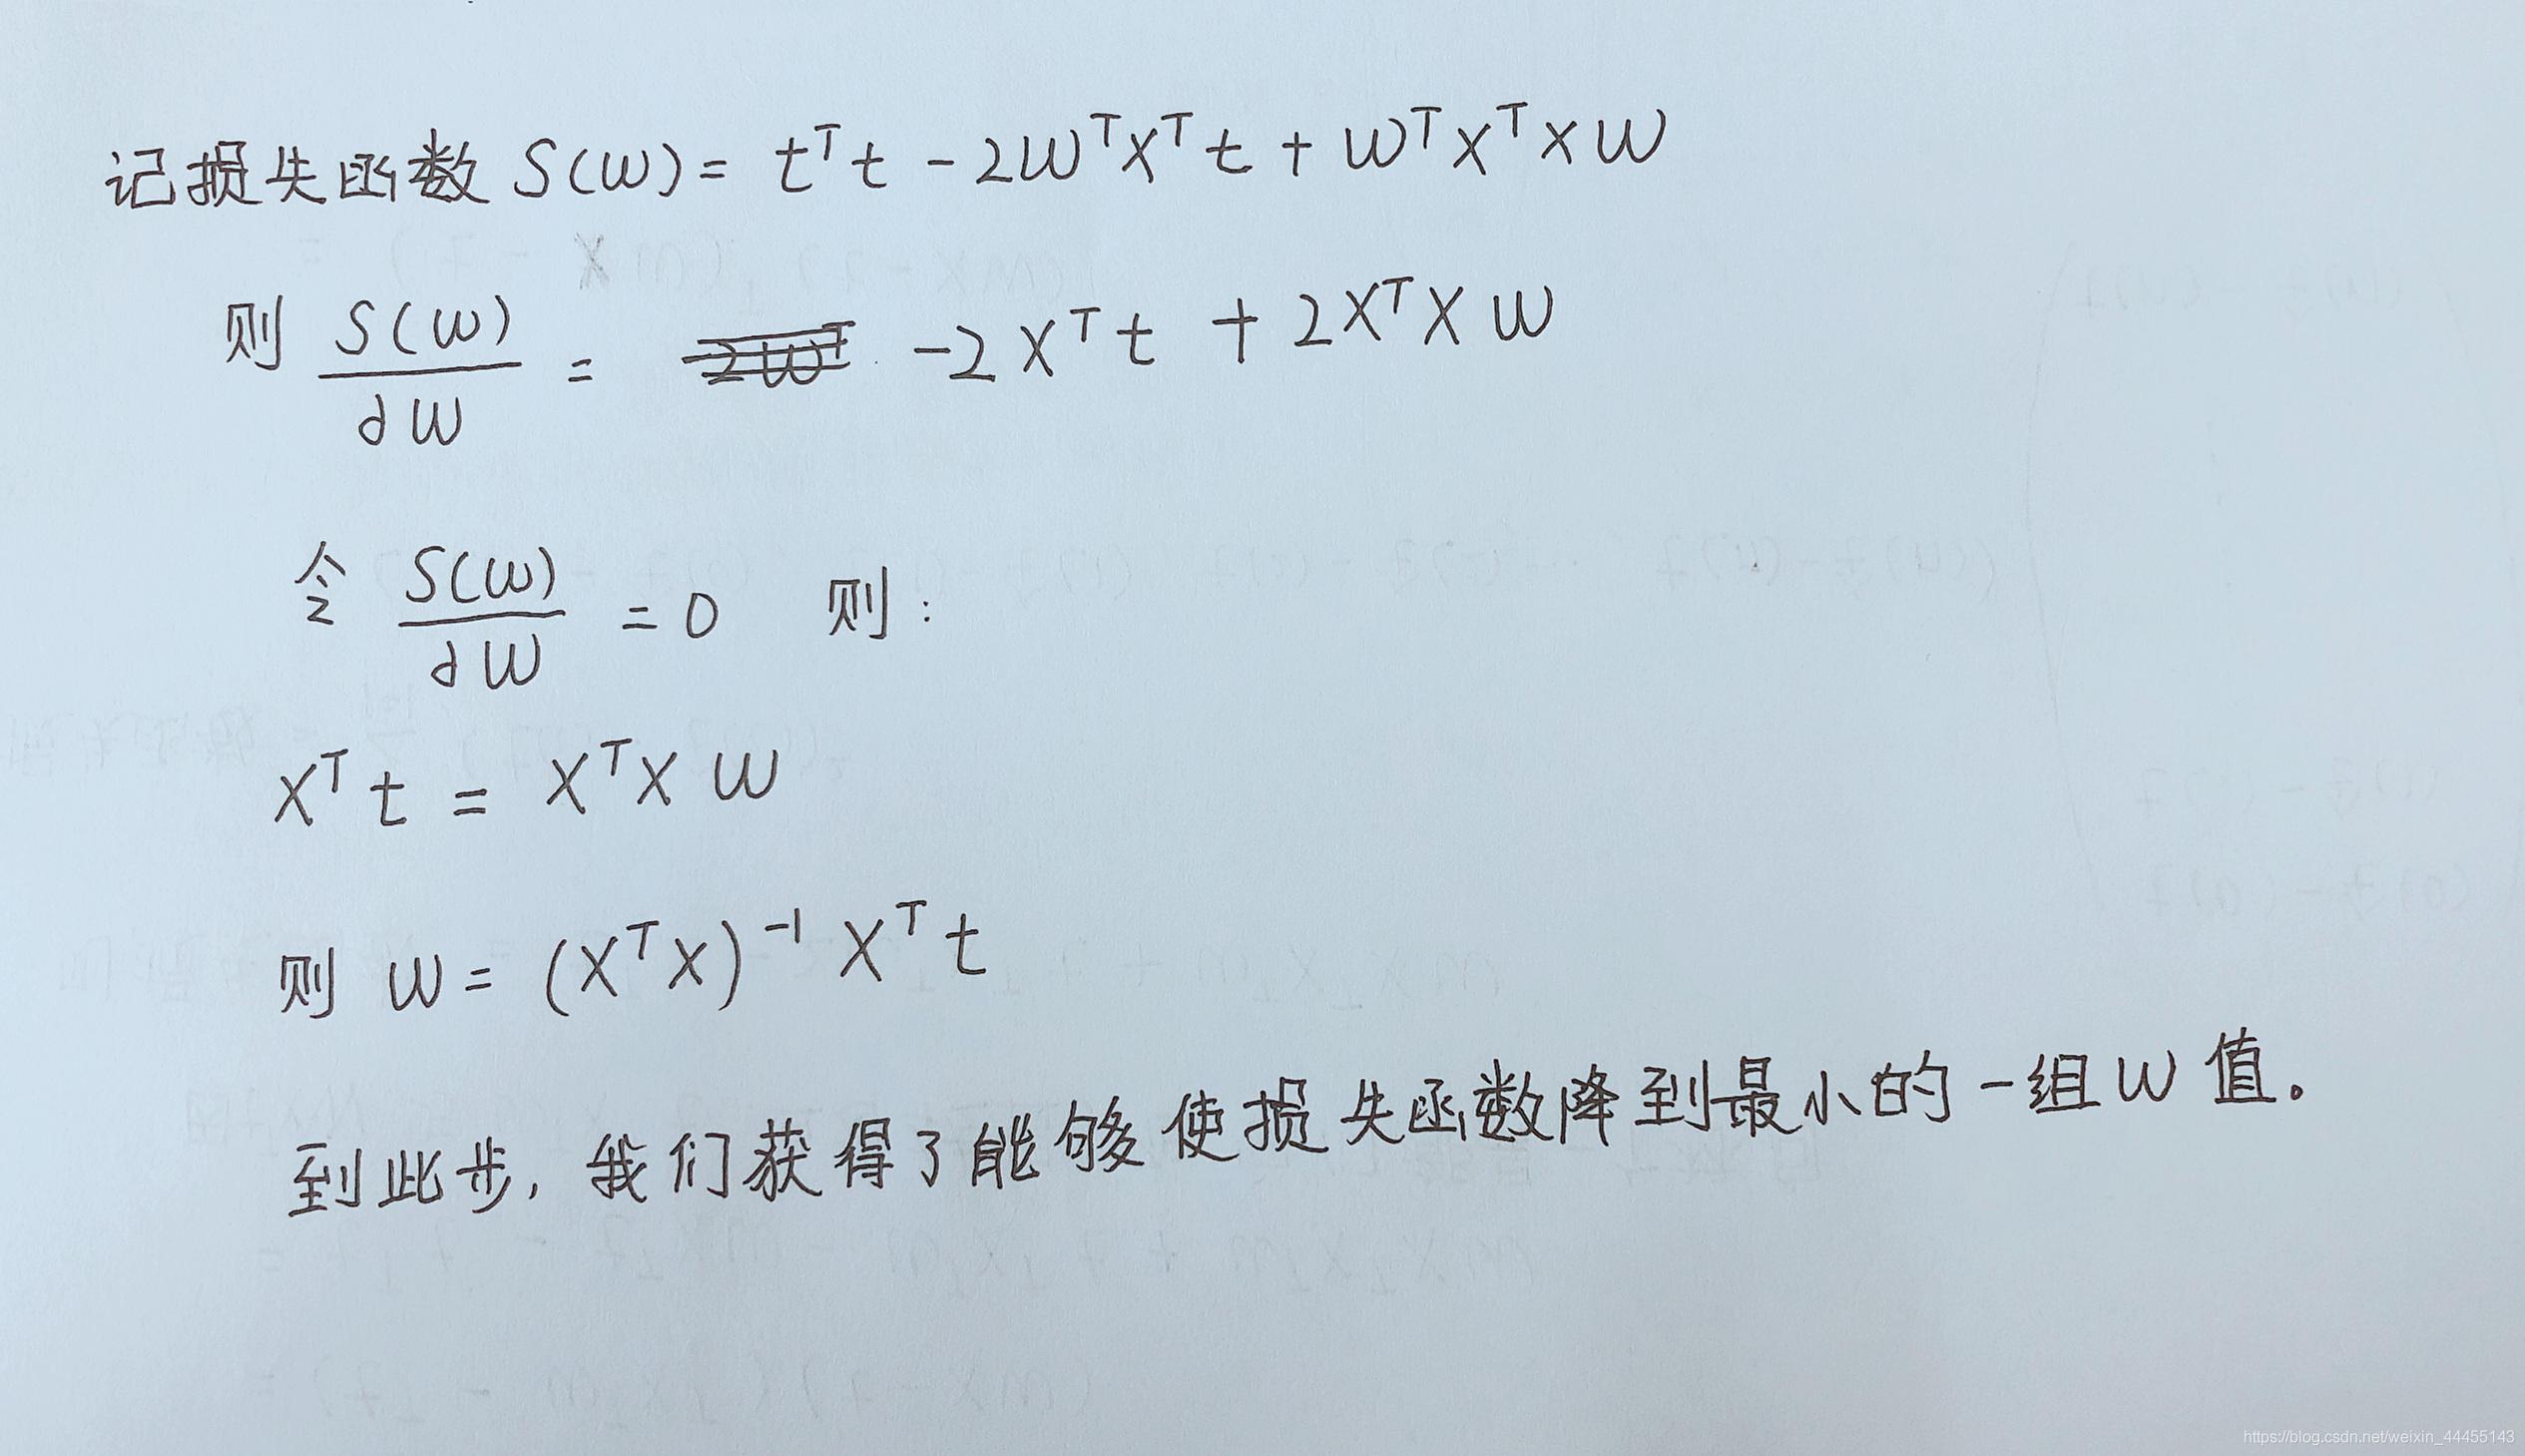 计算参数值的最终过程